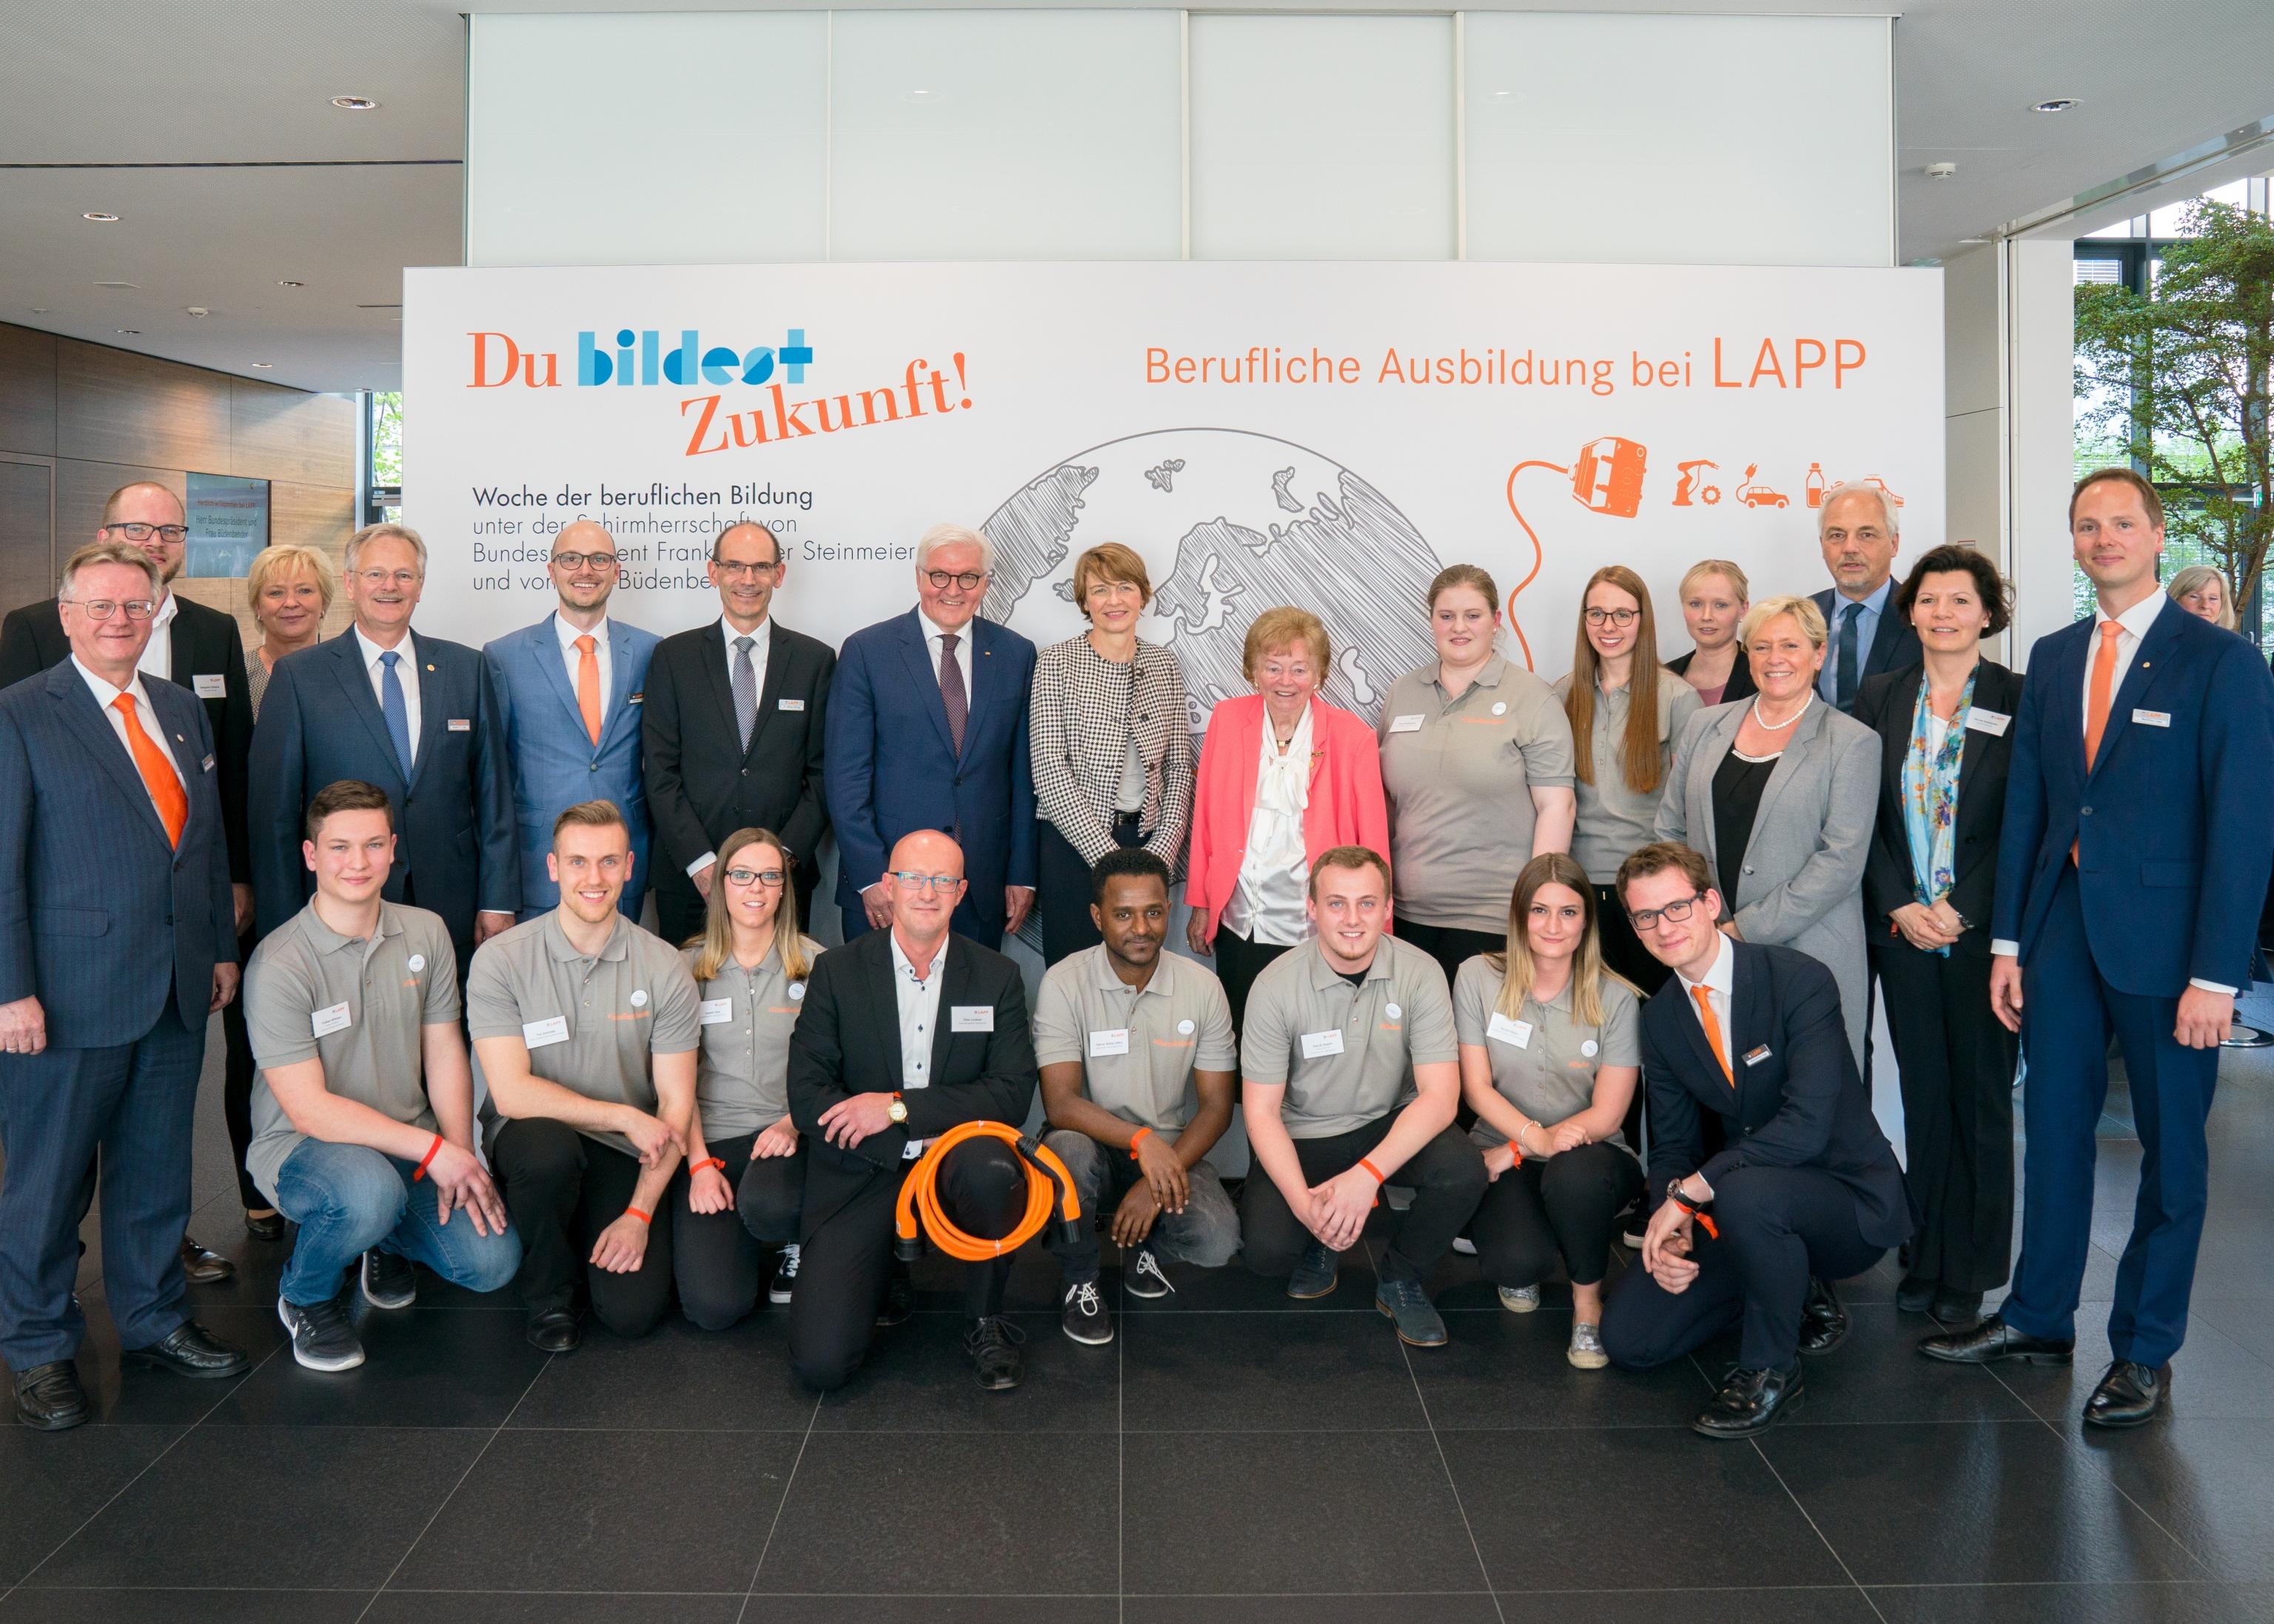 Bundespräsident Steinmeier bei Lapp, Foto von Wolfram Scheible